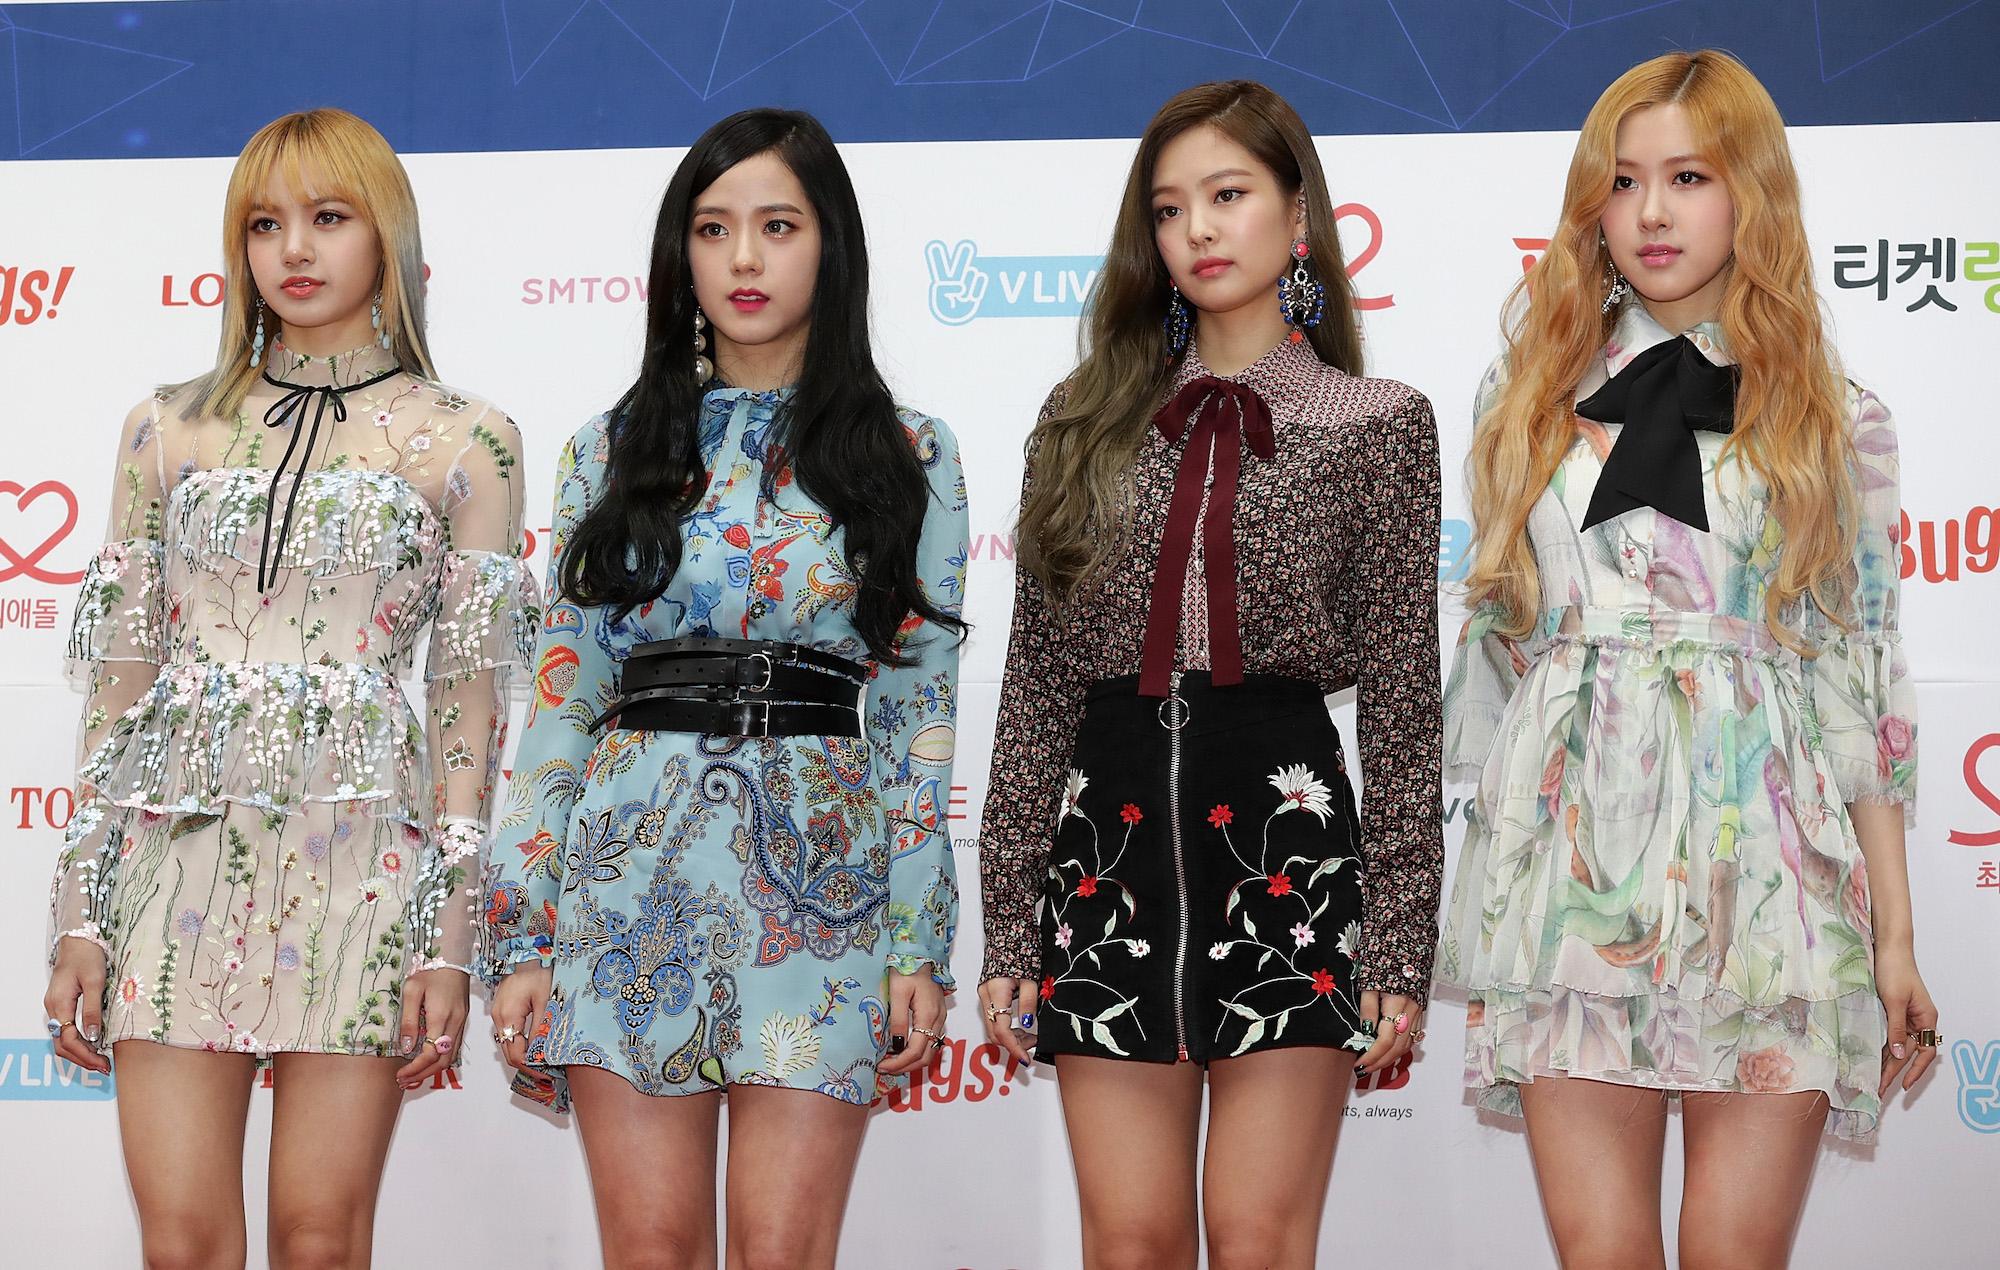 SM亏损严重,YG业绩下滑,韩国娱乐公司的企业地位被下调